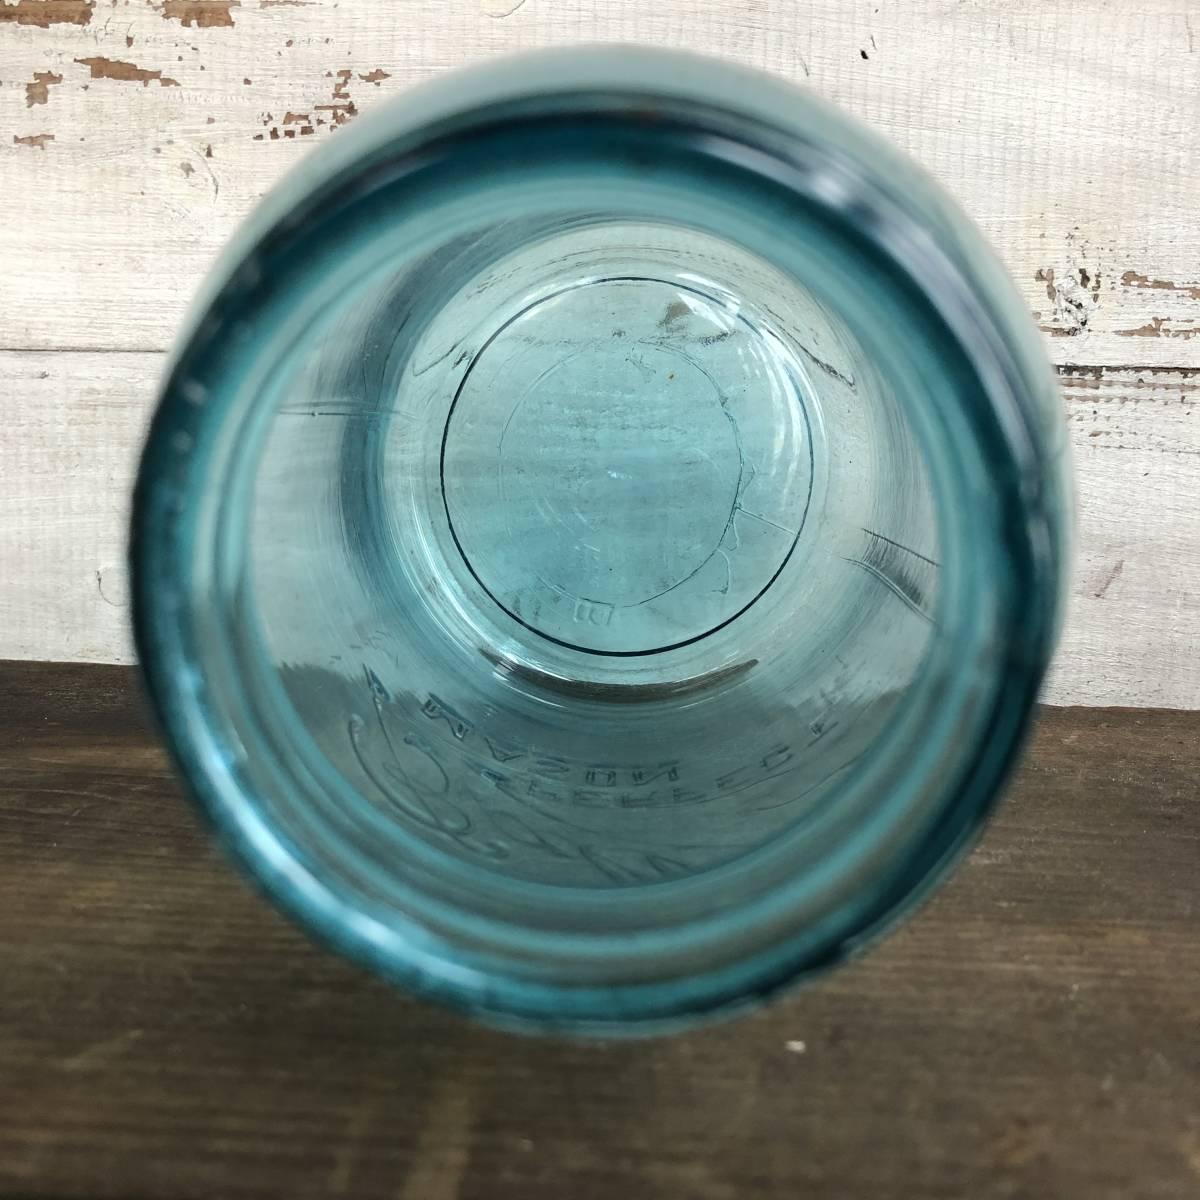 即決⑤ 1930's ball 17.5cm ヴィンテージ メイソンジャー ガラス瓶 キッチン カフェ ガーデニング ジャンク シャビー 雑貨 小物 収納_画像8